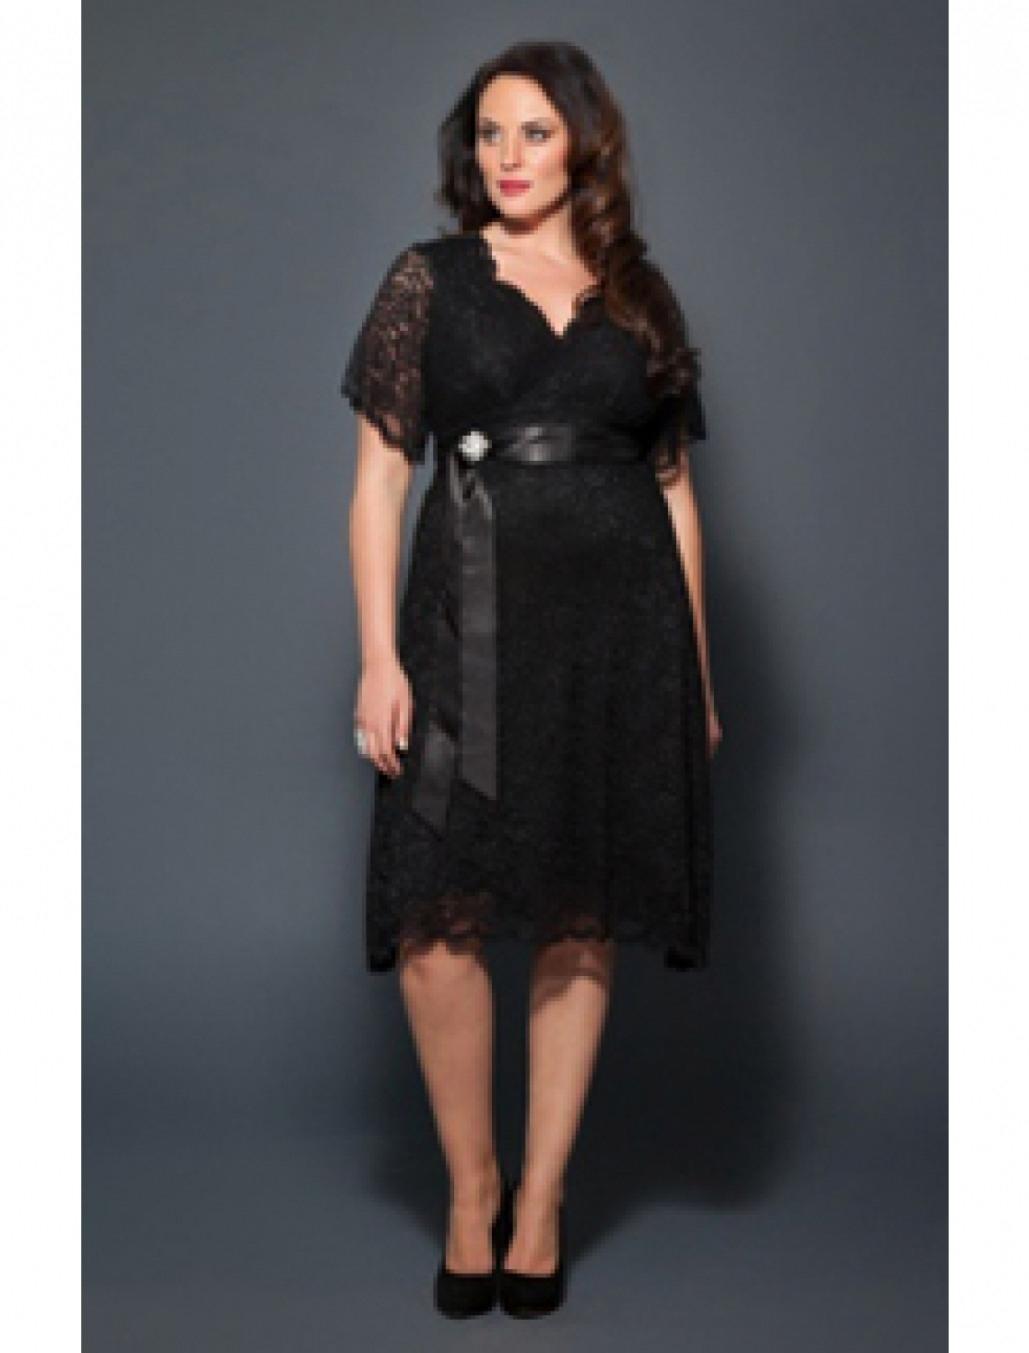 Abend Schön Festliches Kleid 48 BoutiqueAbend Wunderbar Festliches Kleid 48 Vertrieb